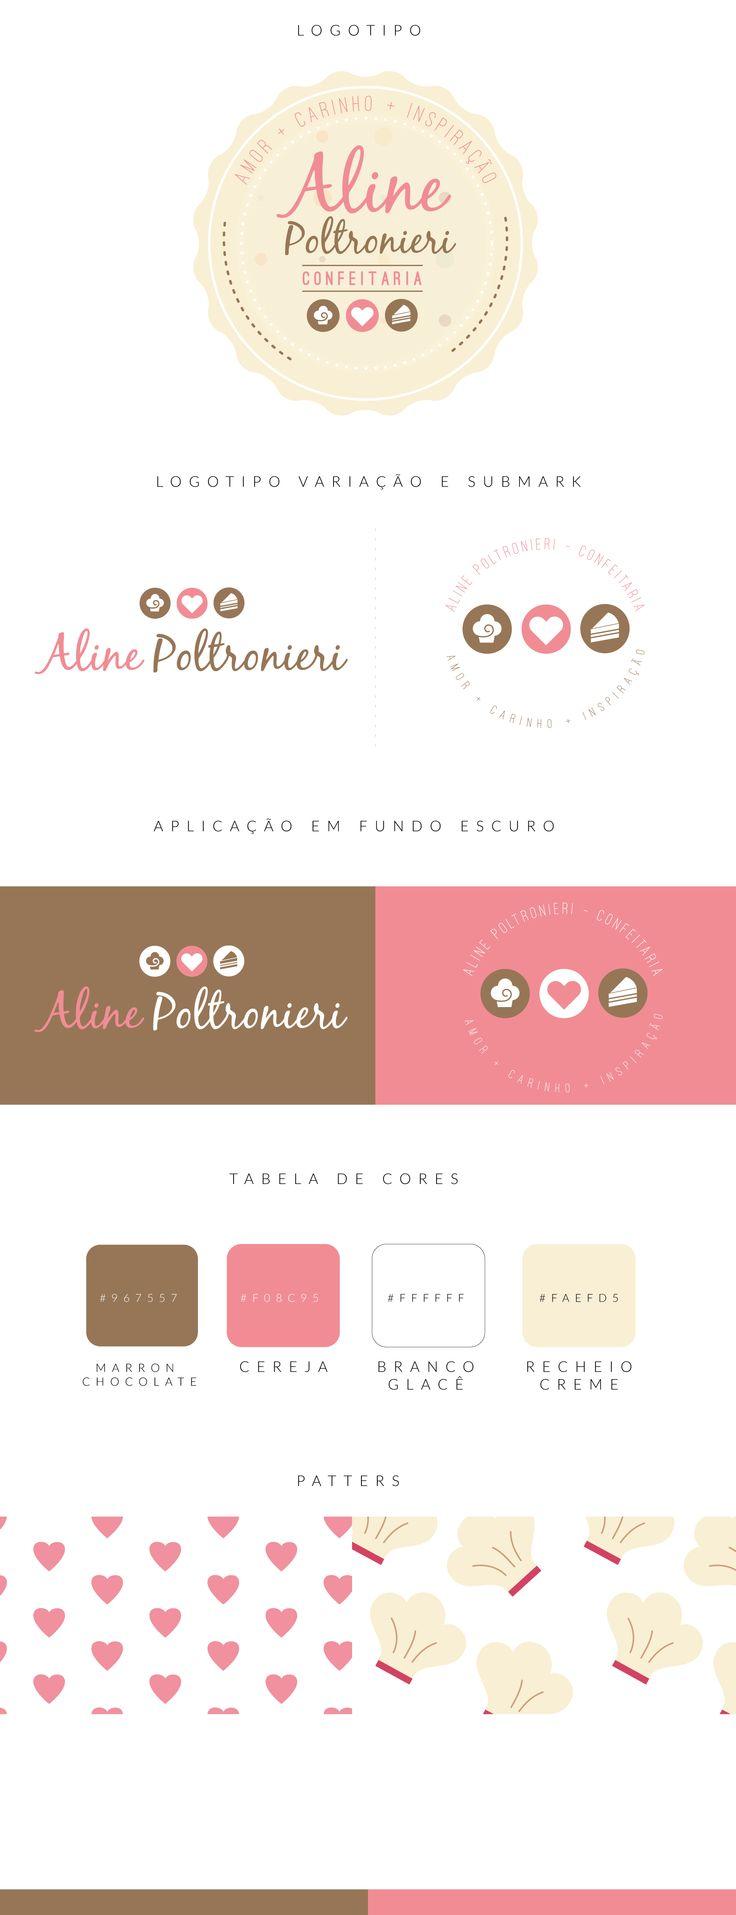 Logotipo Confeitaria Aline Poltronieri                                                                                                                                                                                 Más